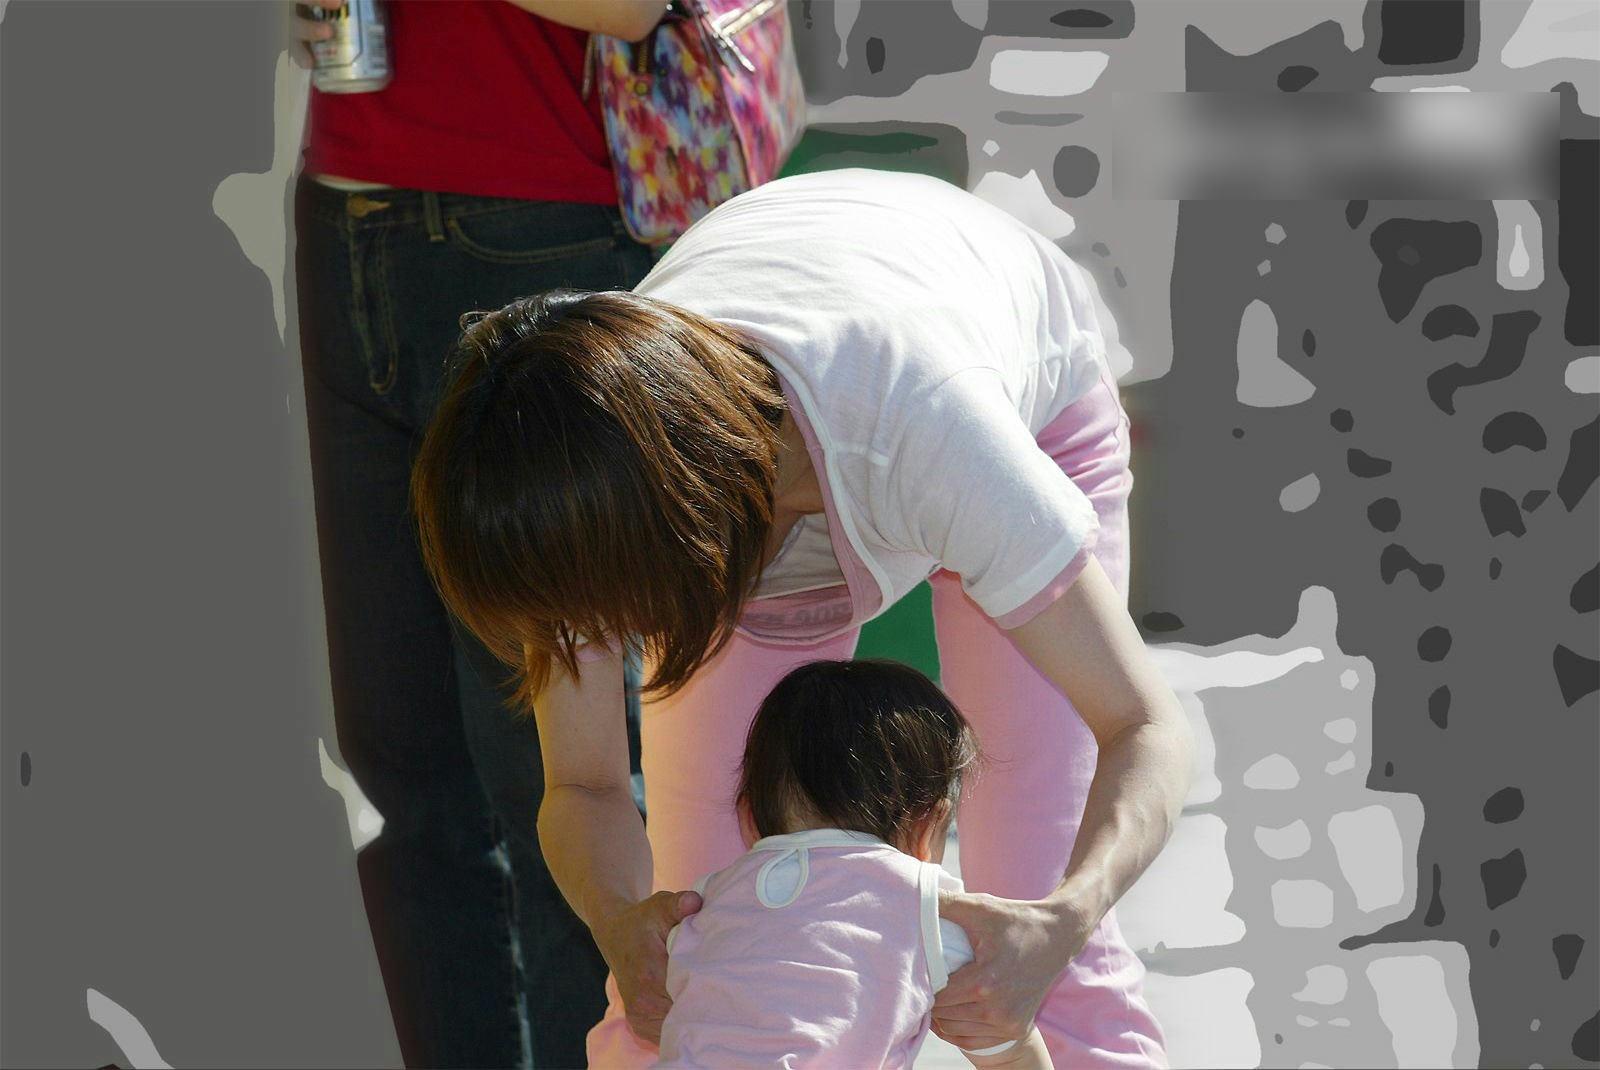 人妻の胸チラ画像最高ー!!!子供に夢中で谷間見られてるの気づいてないぞぉーwww 1191